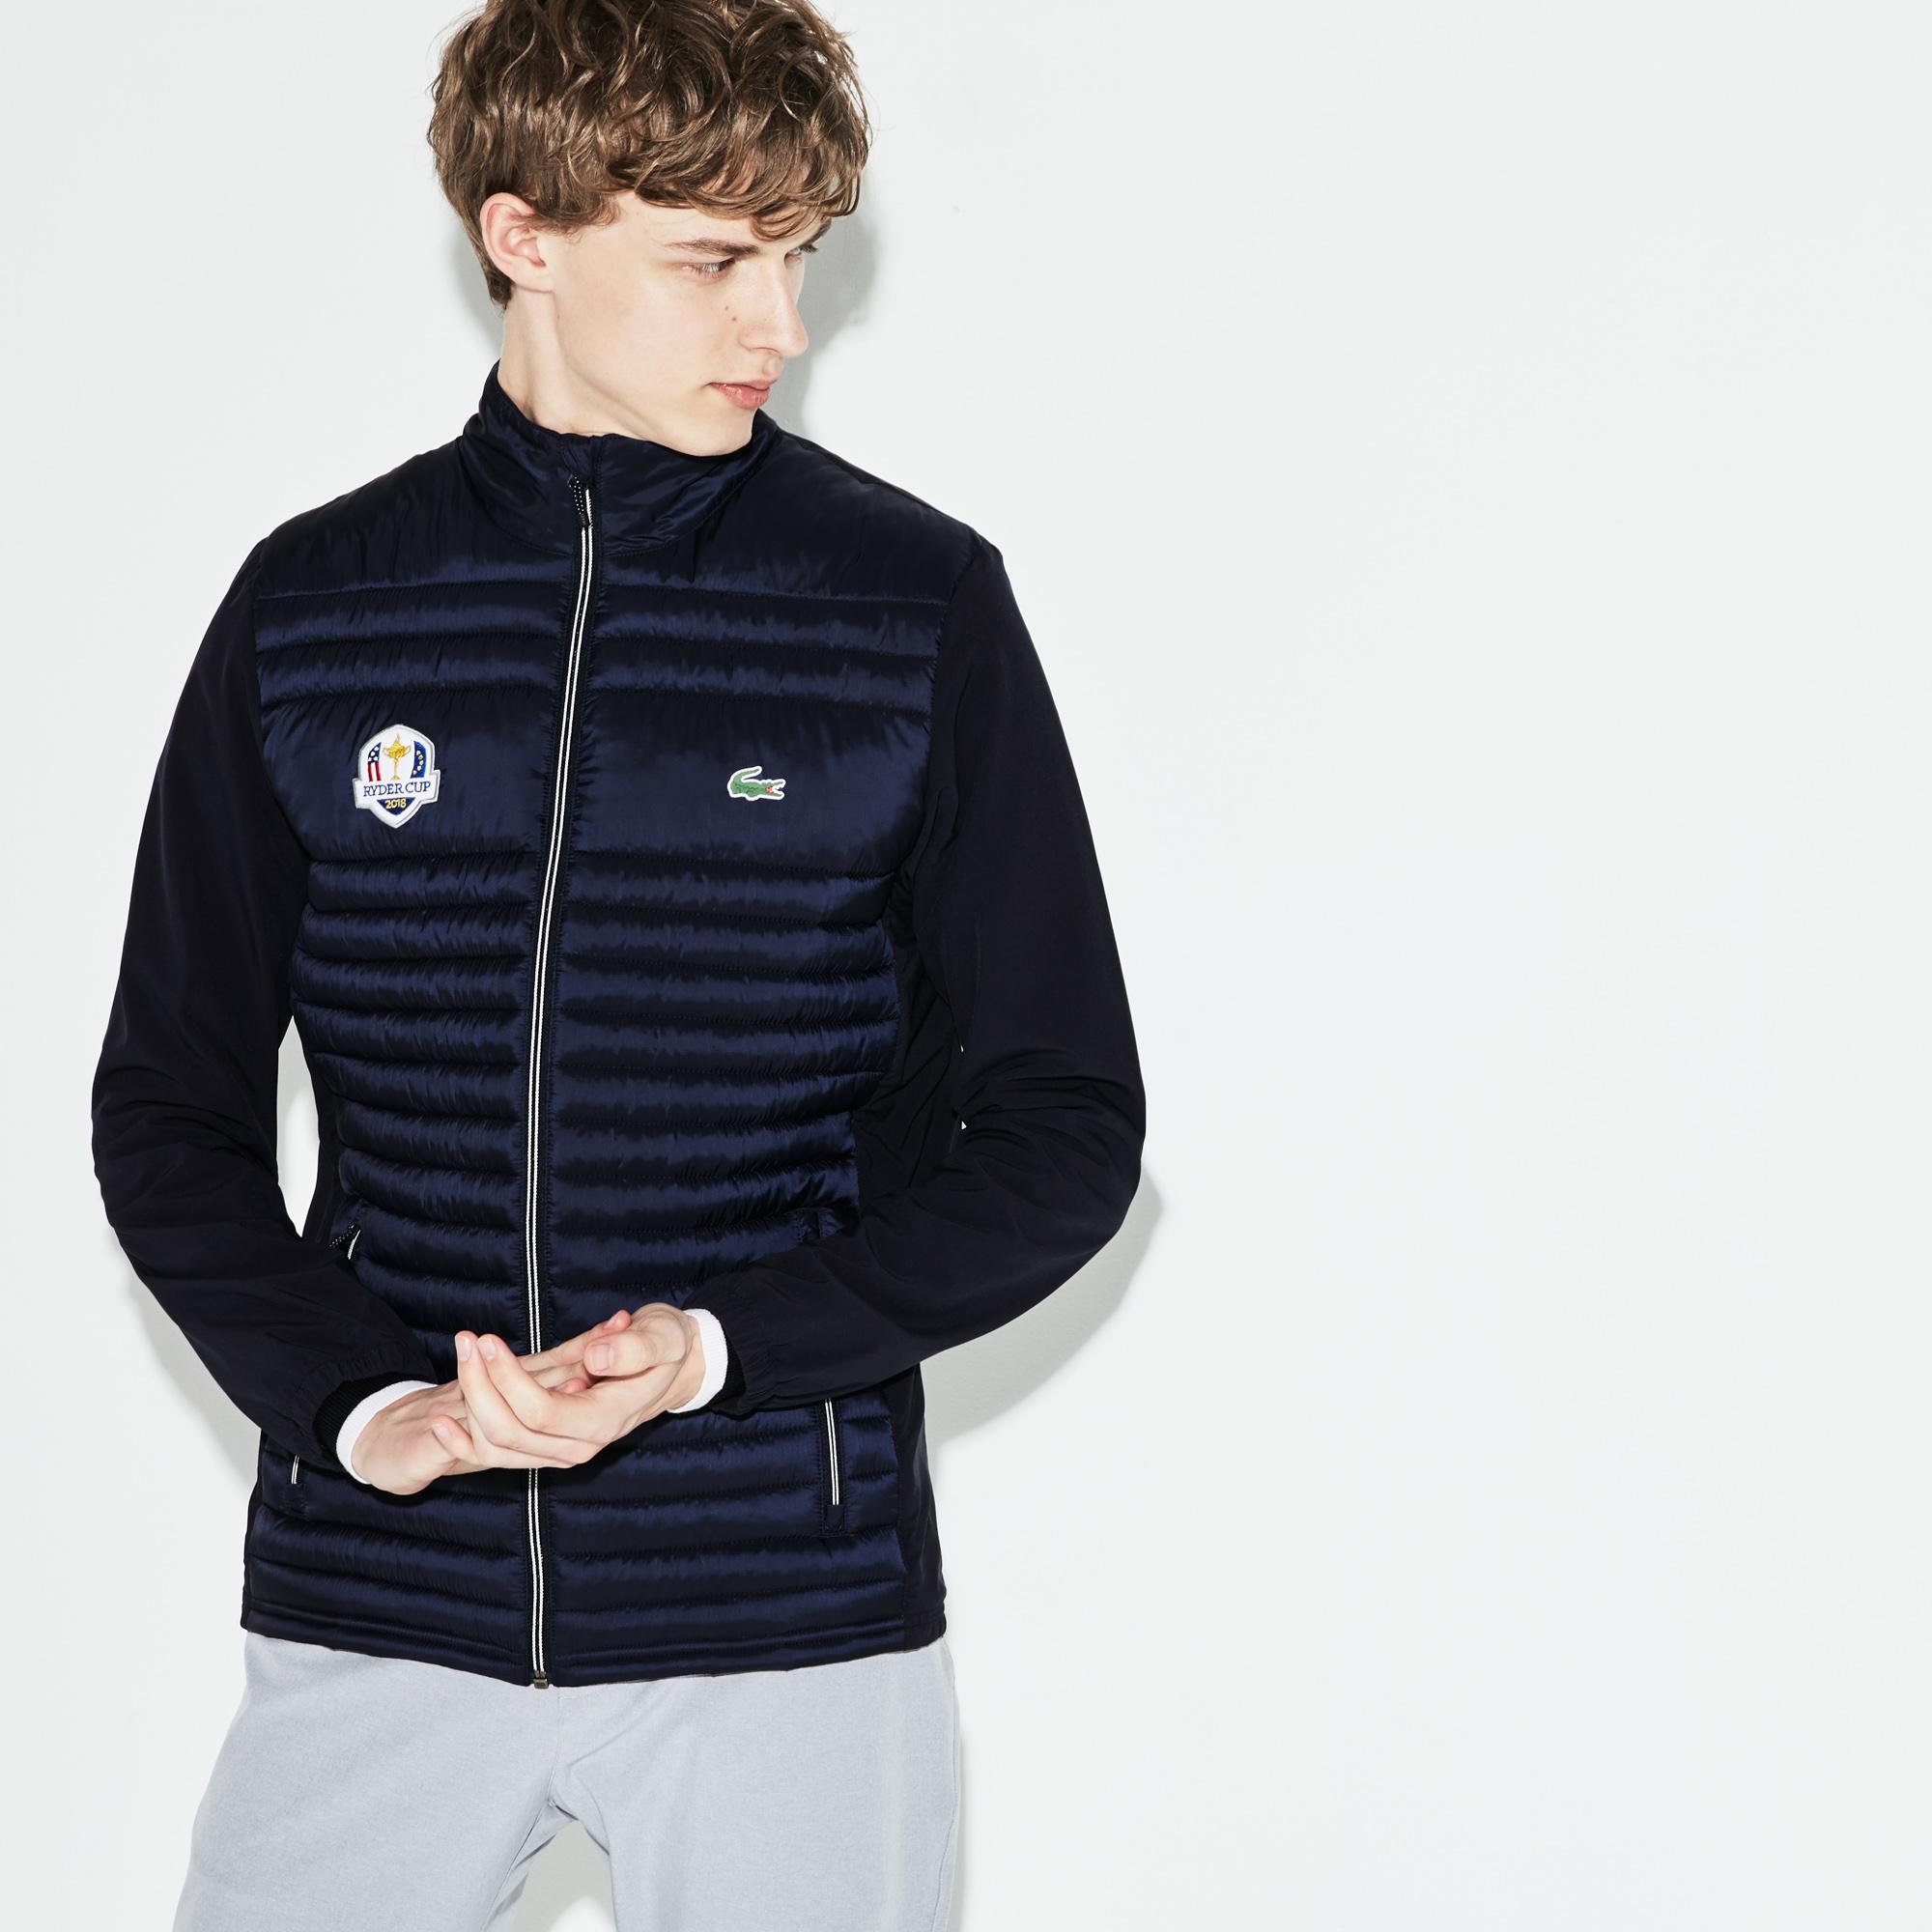 Купить Куртка Lacoste, темно-синий, BH6422